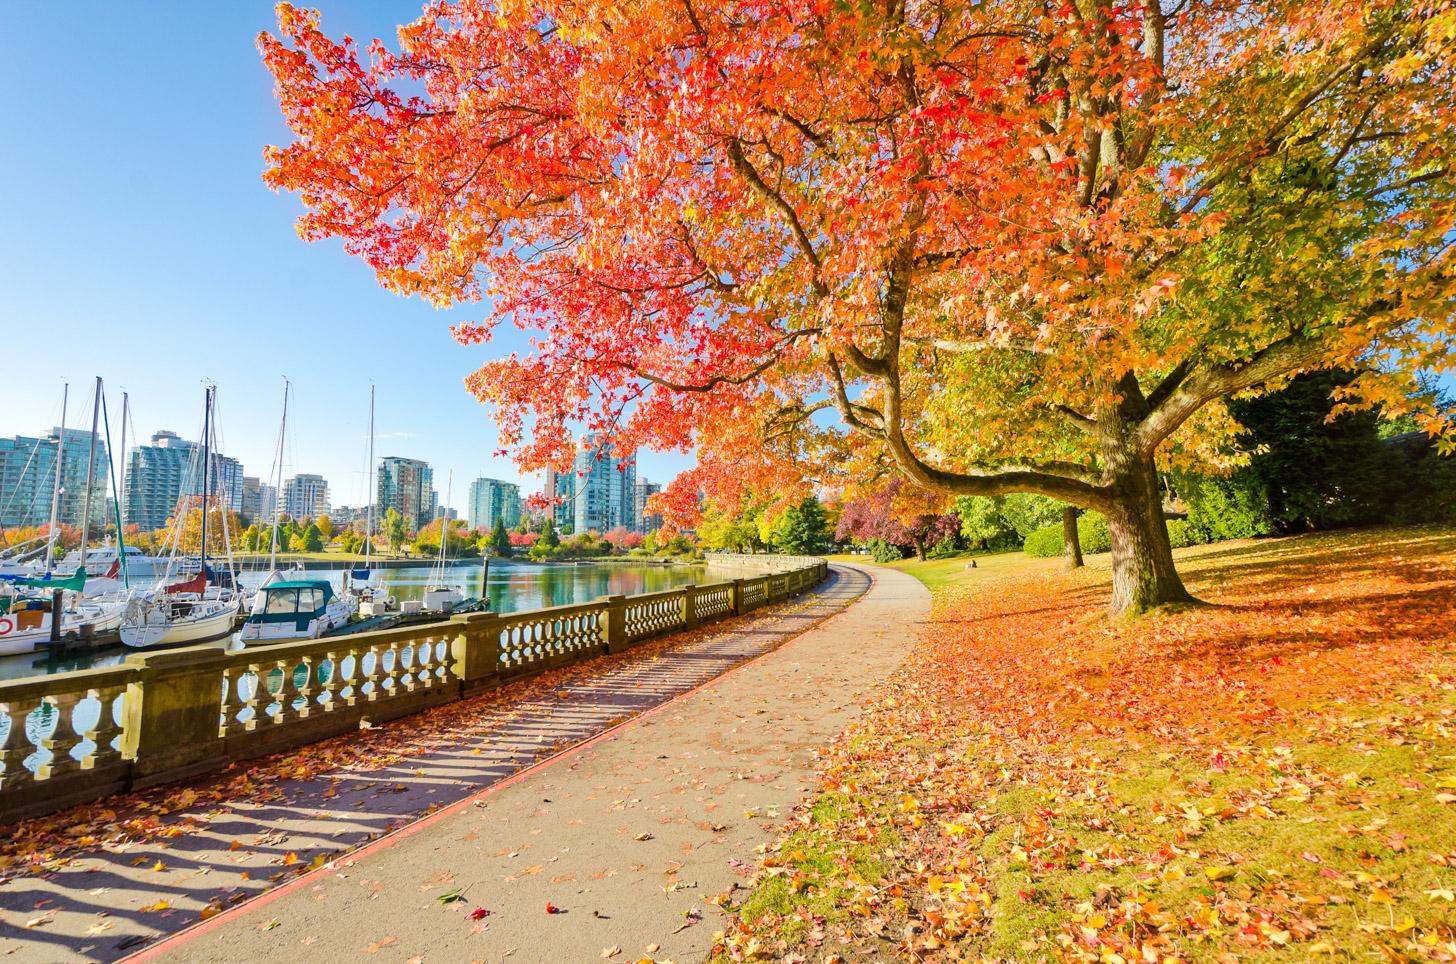 De herfst zorgt ook in Vancouver voor fraaie herfstkleuren